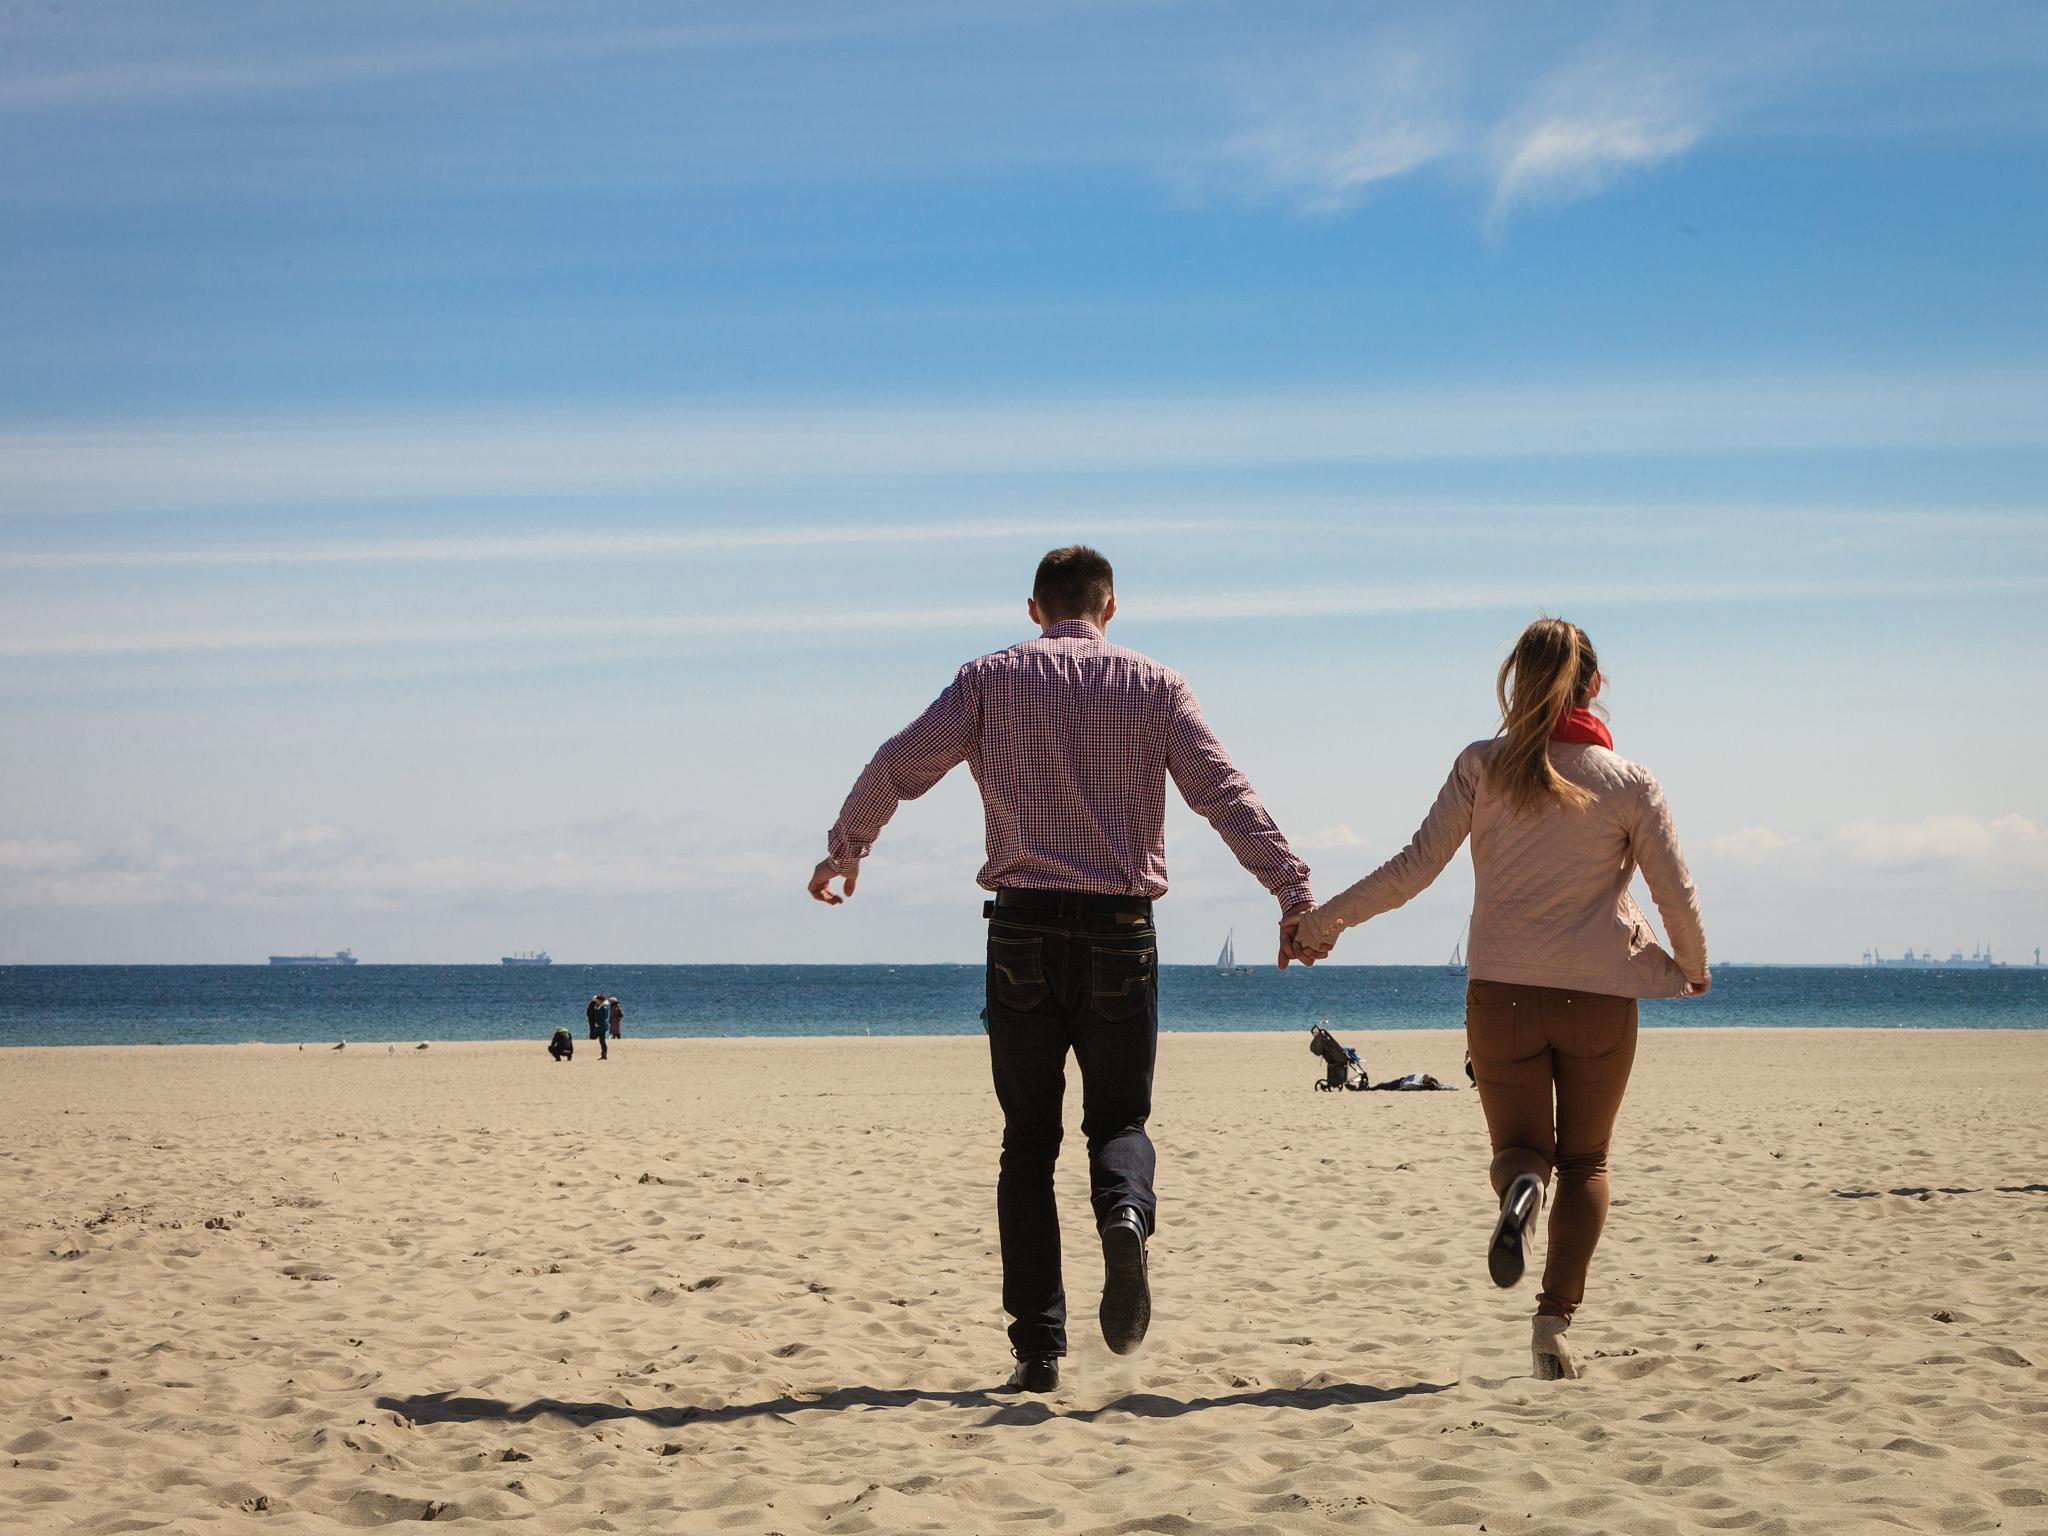 婚姻缘分测试免费 算感情姻缘免费